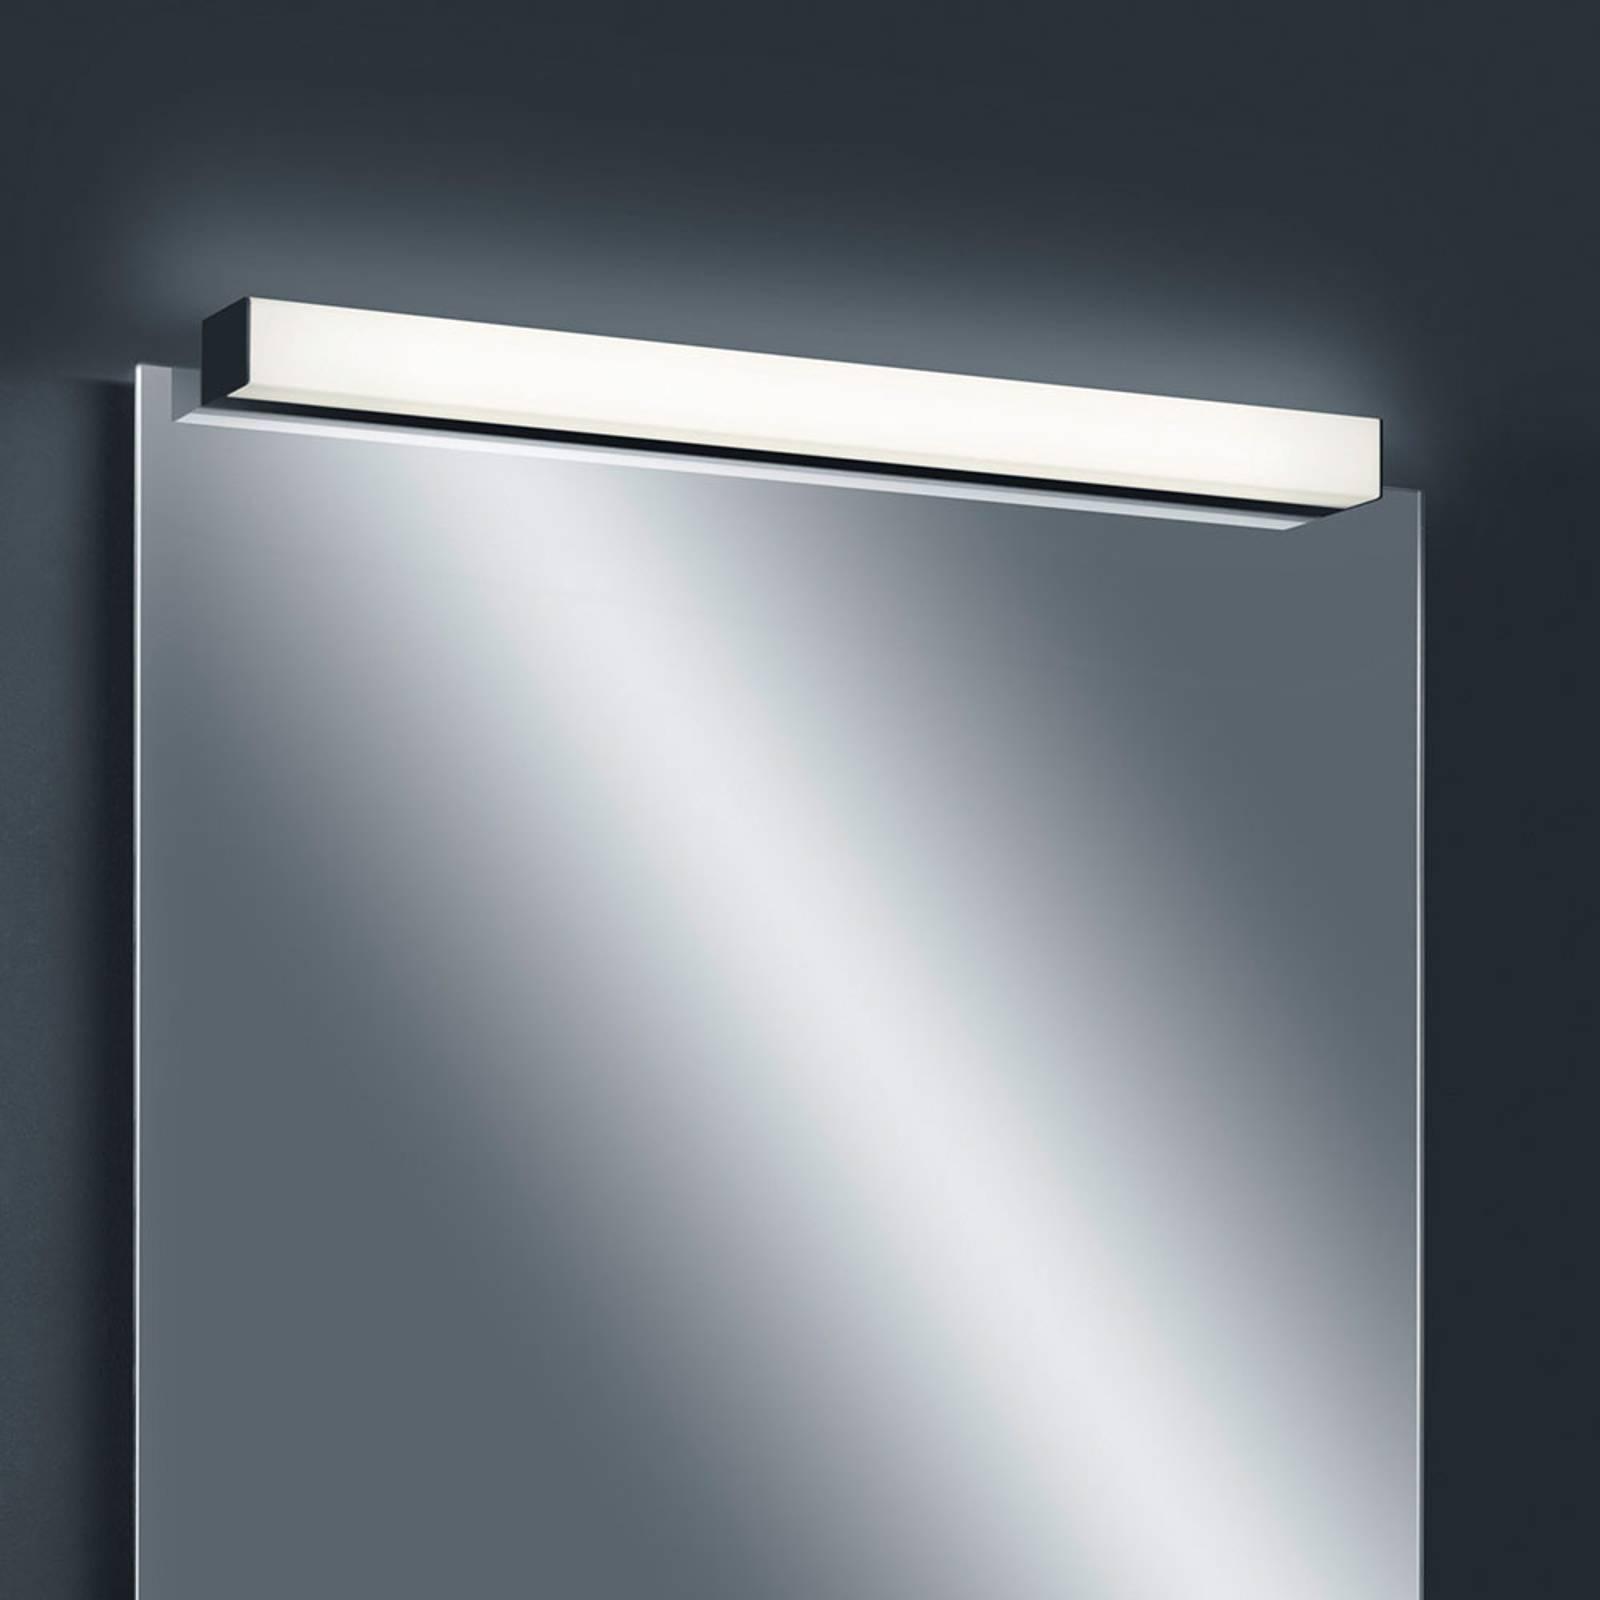 Helestra Lado applique pour miroir LED noire 60cm